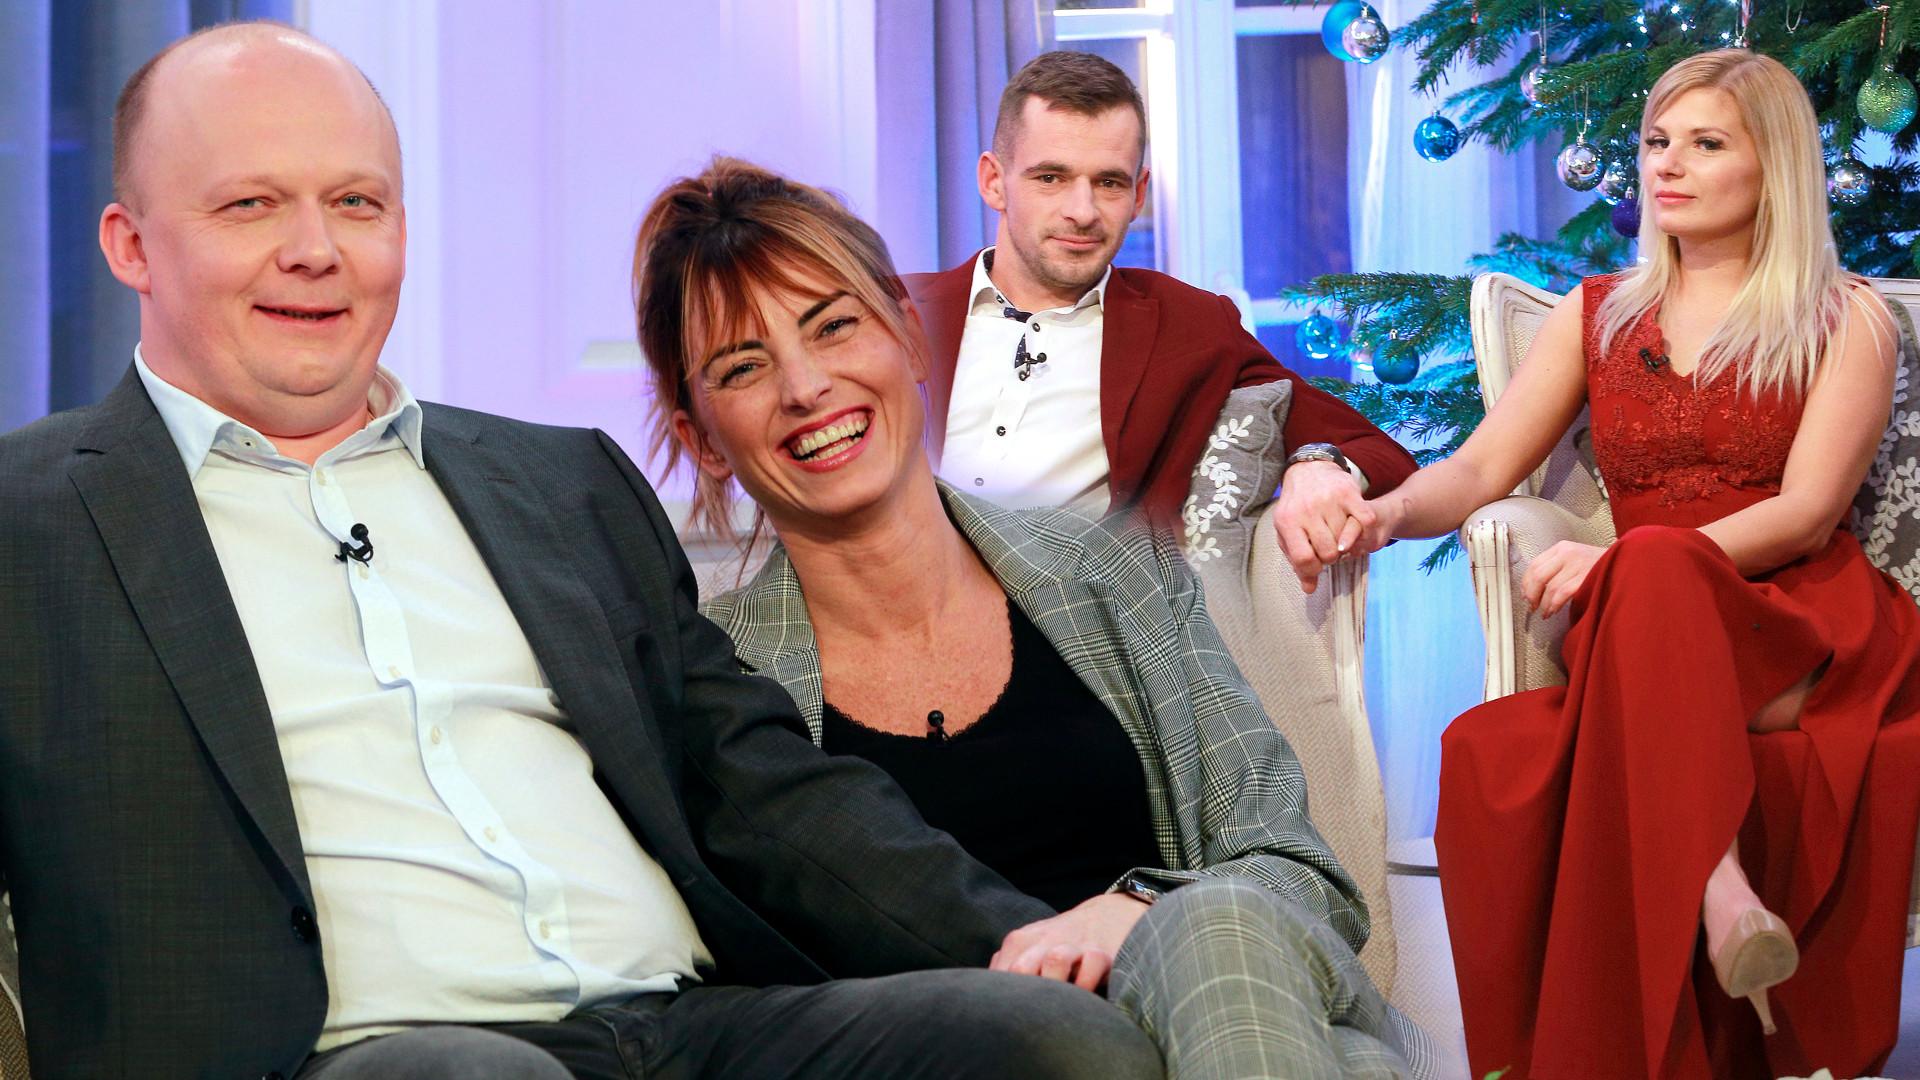 Seweryn, Adrian, Sławomir i Kuba z Rolnik szuka żony w świątecznym odcinku show (ZDJĘCIA)